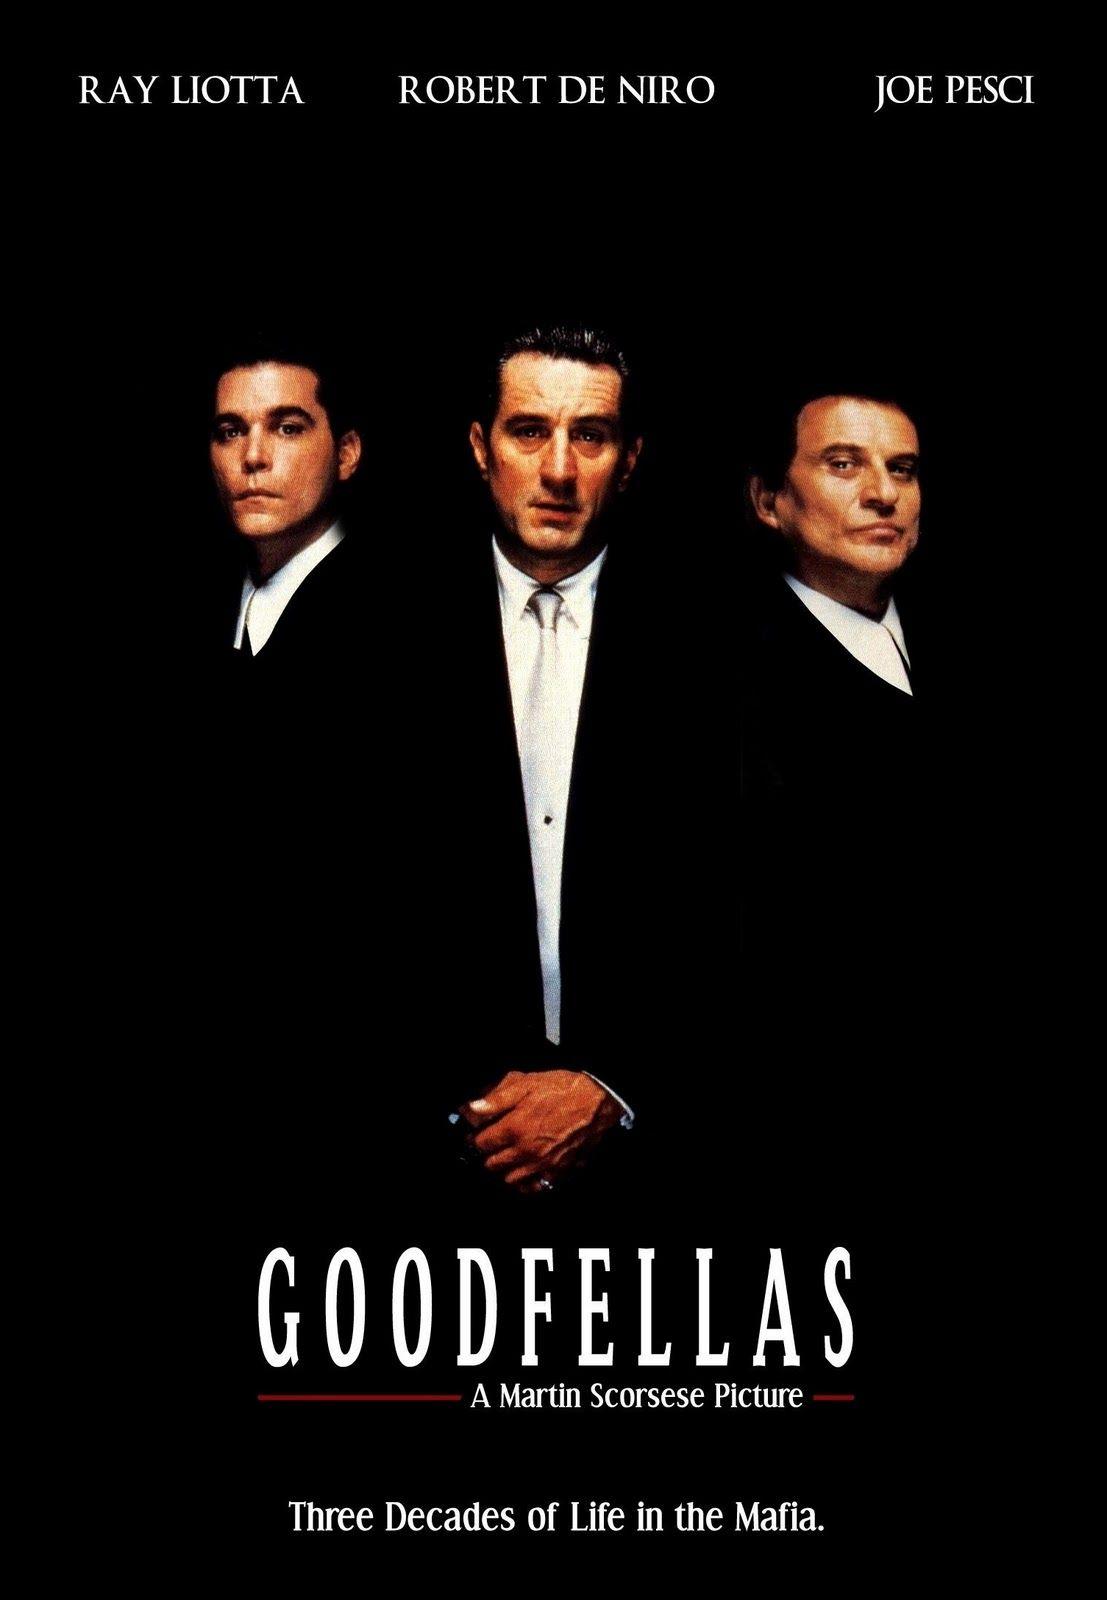 Póster Uno De Los Nuestros Goodfellas Unodelosnuestros Goodfellas Thegoodfellas Robertdeniro Scorsese Peliculas De Culto Carteles De Cine Cine De Culto